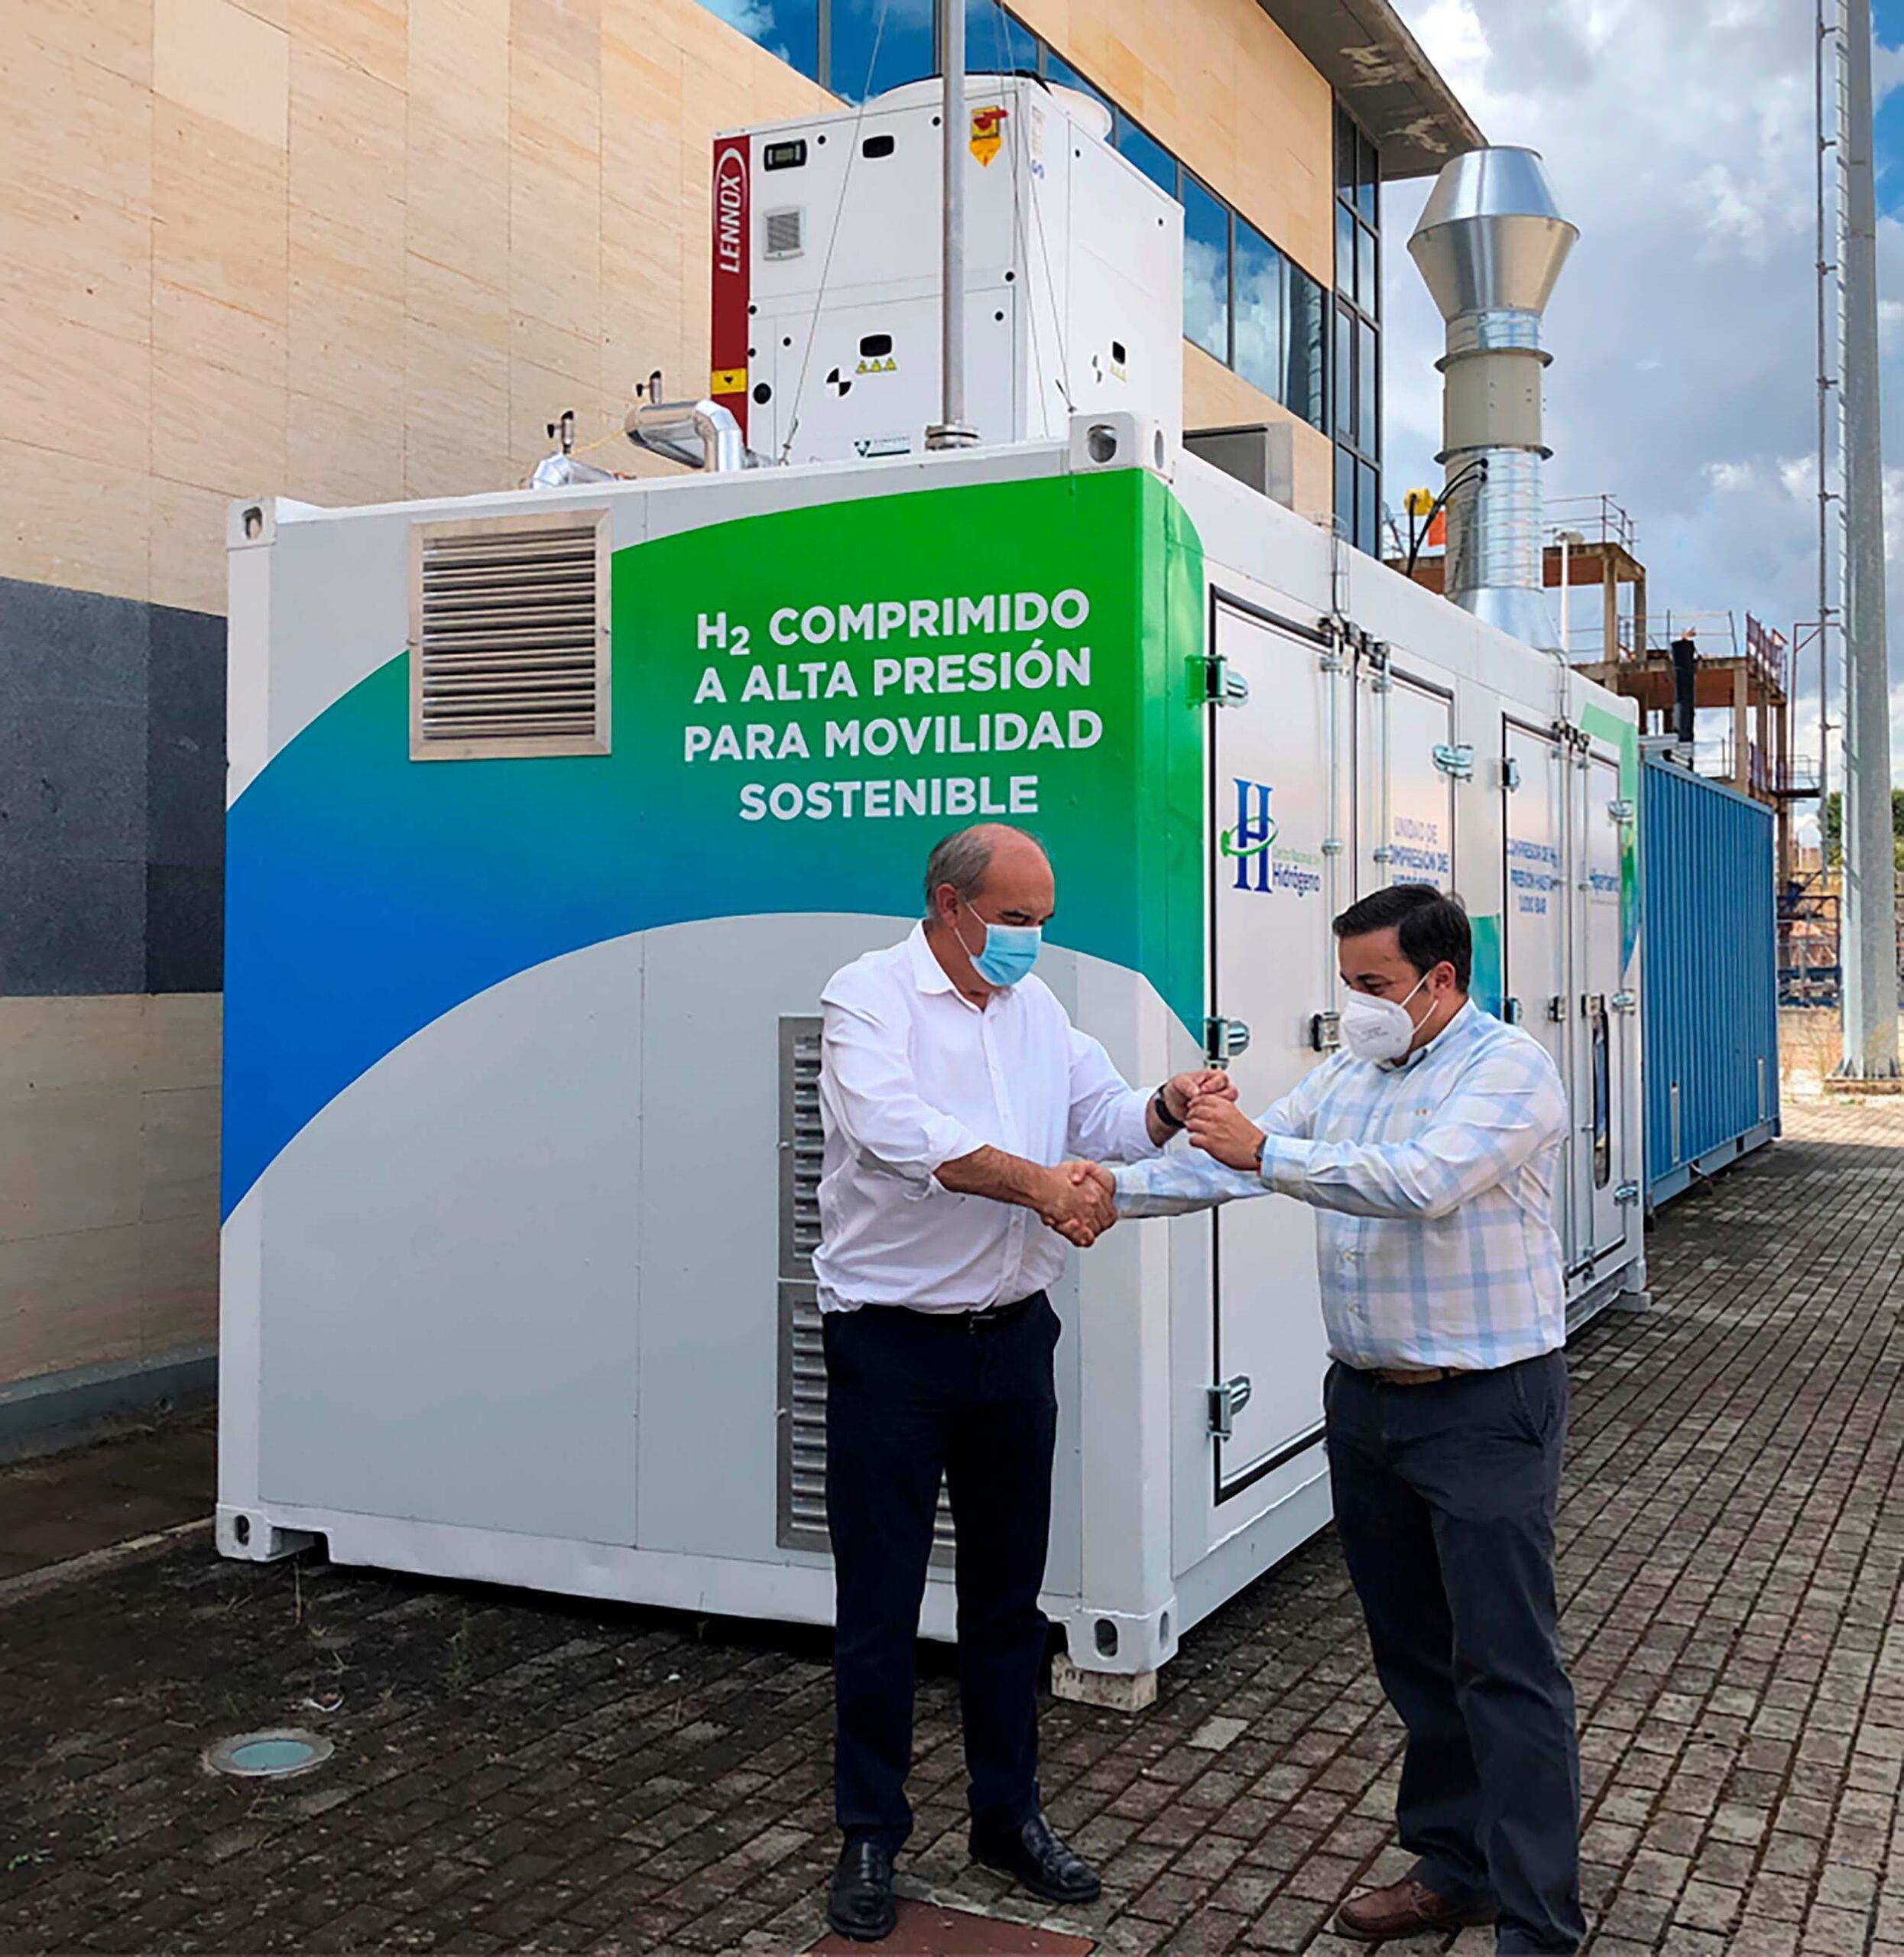 Hiperbaric entrega el compresor de H2 en el CNH2